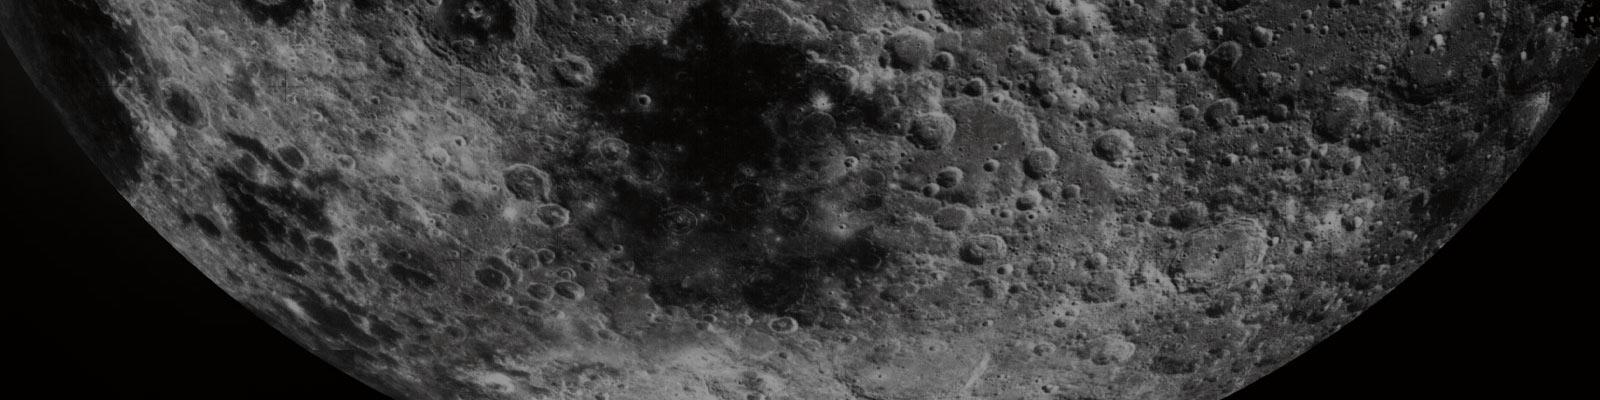 月球表 - 背景